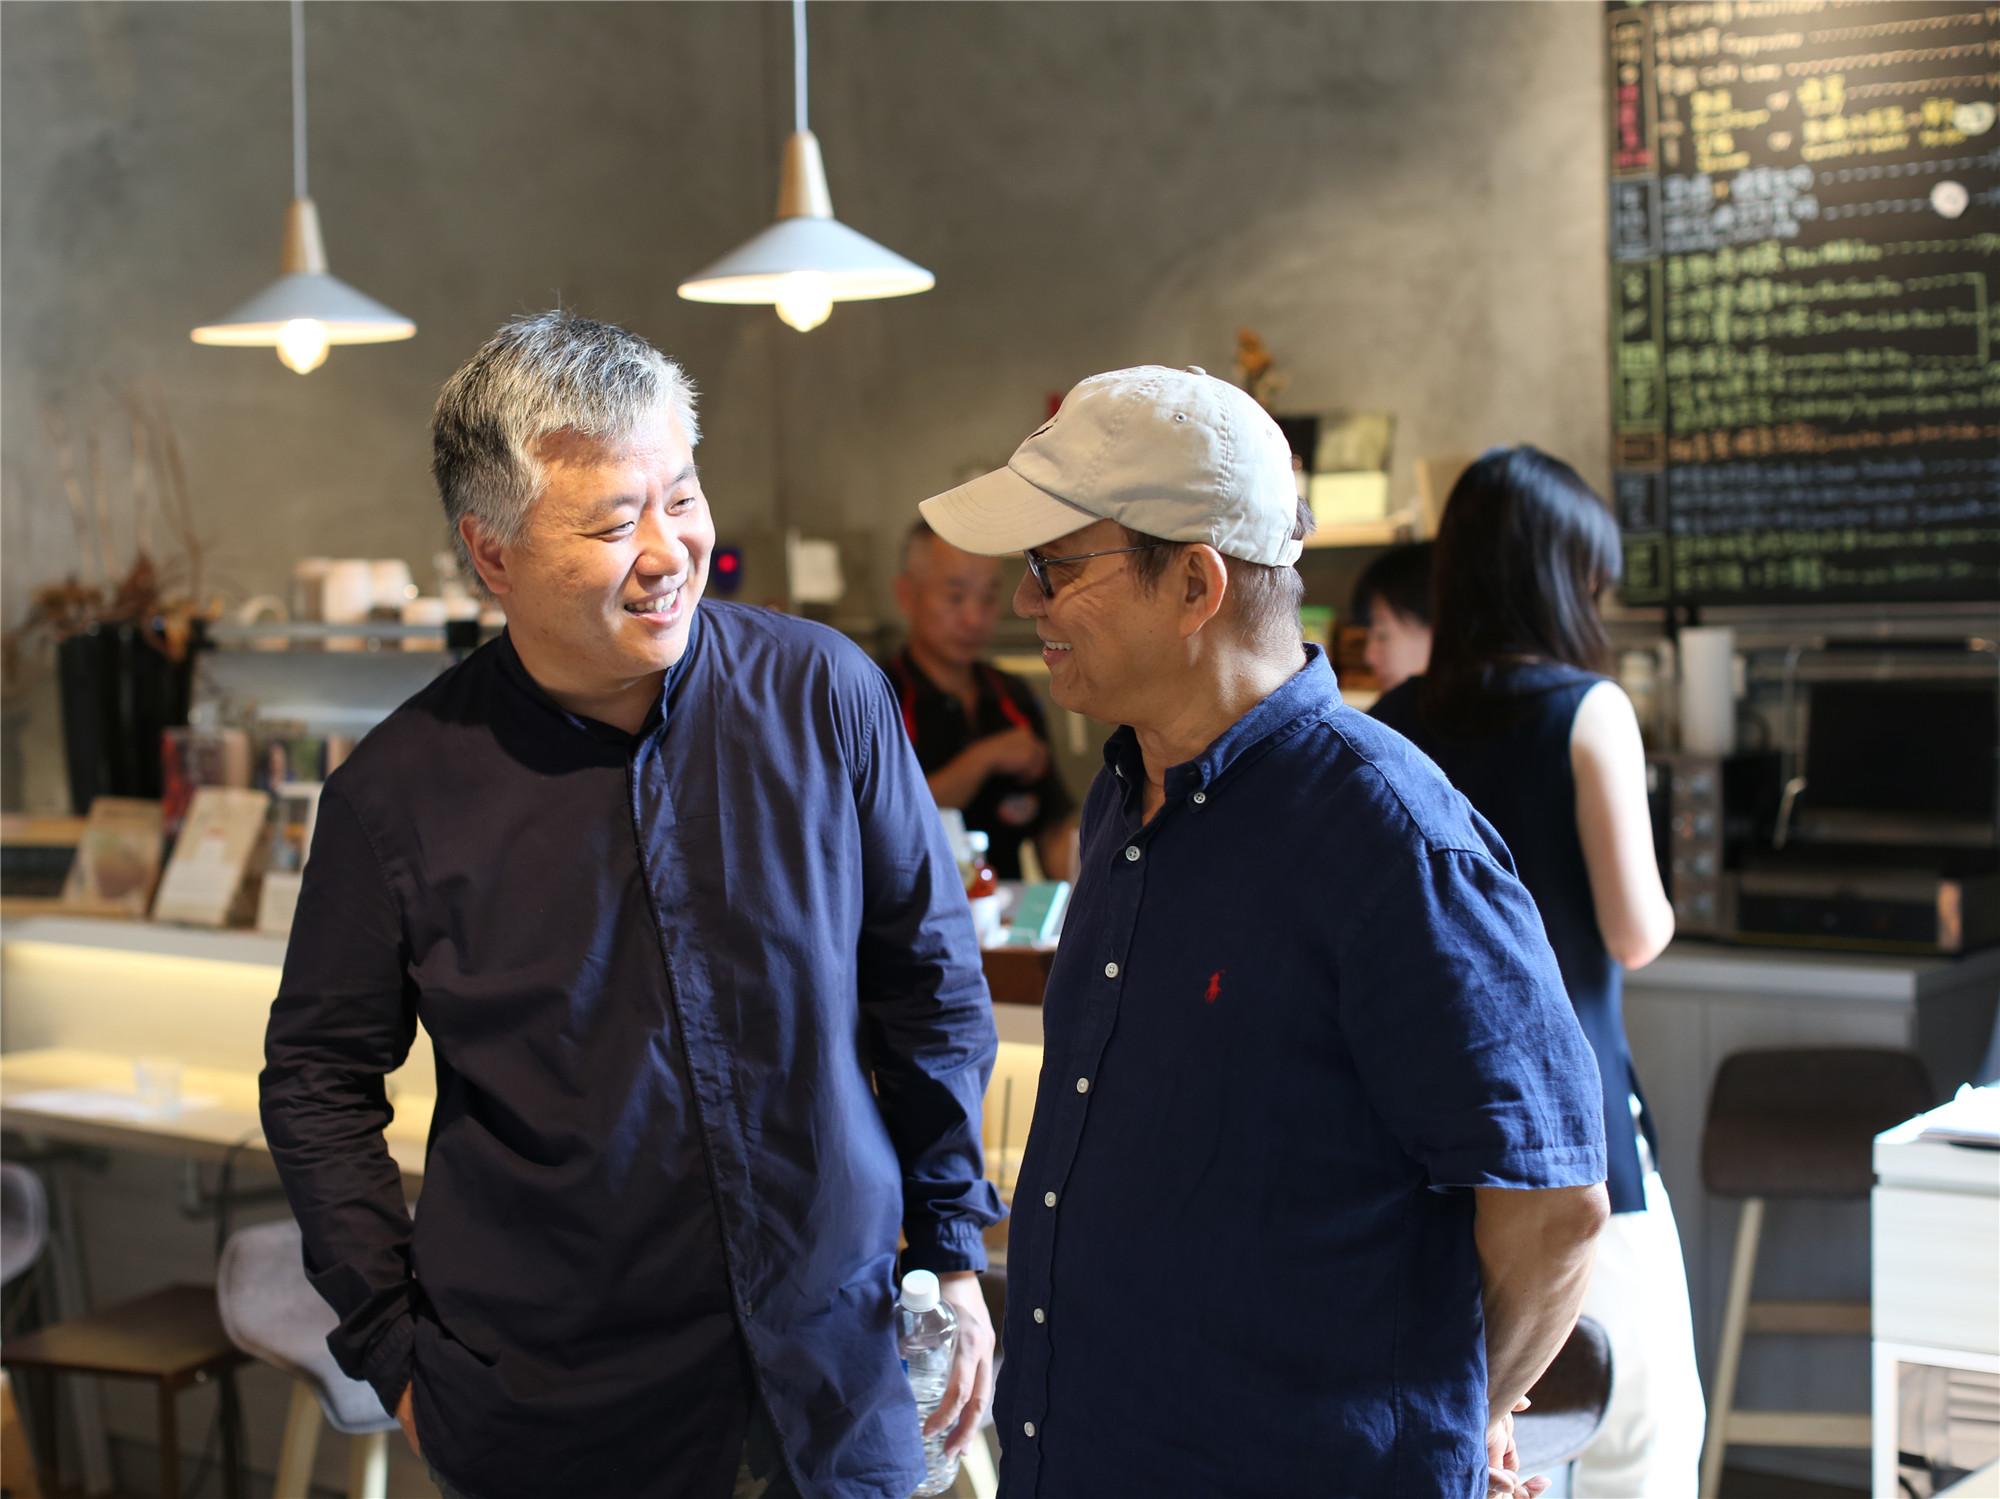 图为电影《我在故宫修文物》导演萧寒(左一)与剪辑师廖庆松在台北举行的记者会上相谈甚欢。新华社记者 陈君 摄